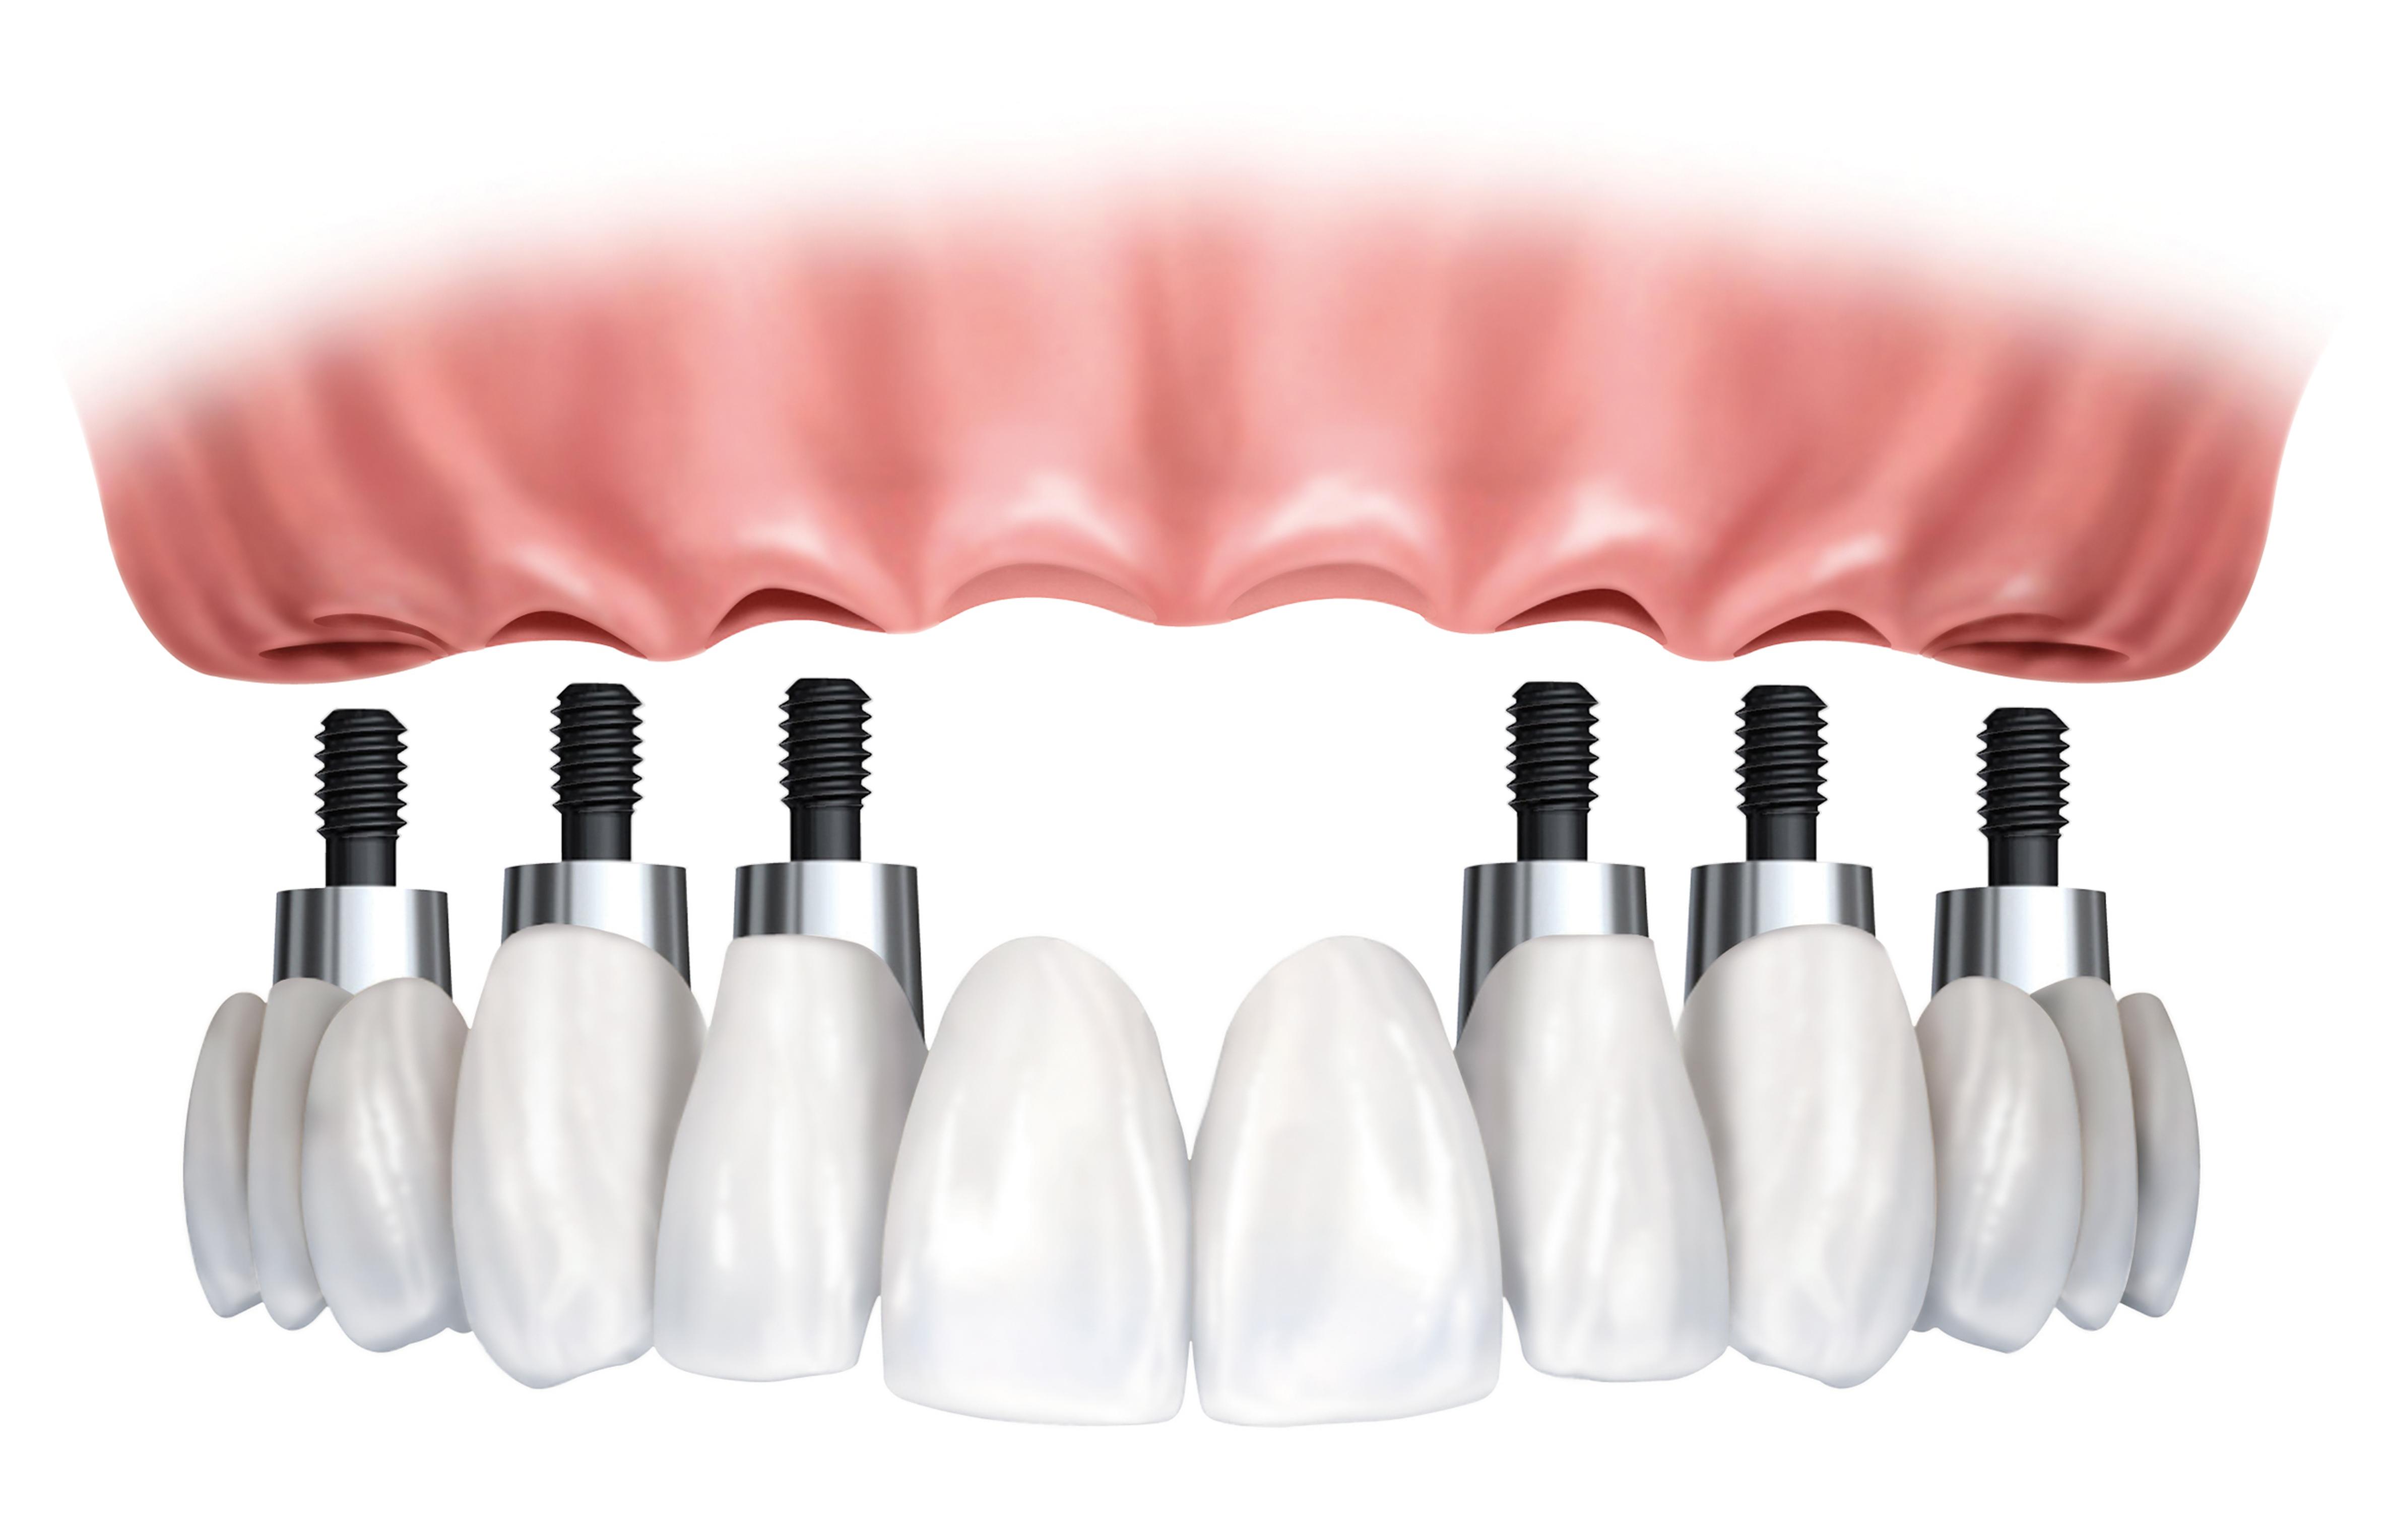 Premier Implants